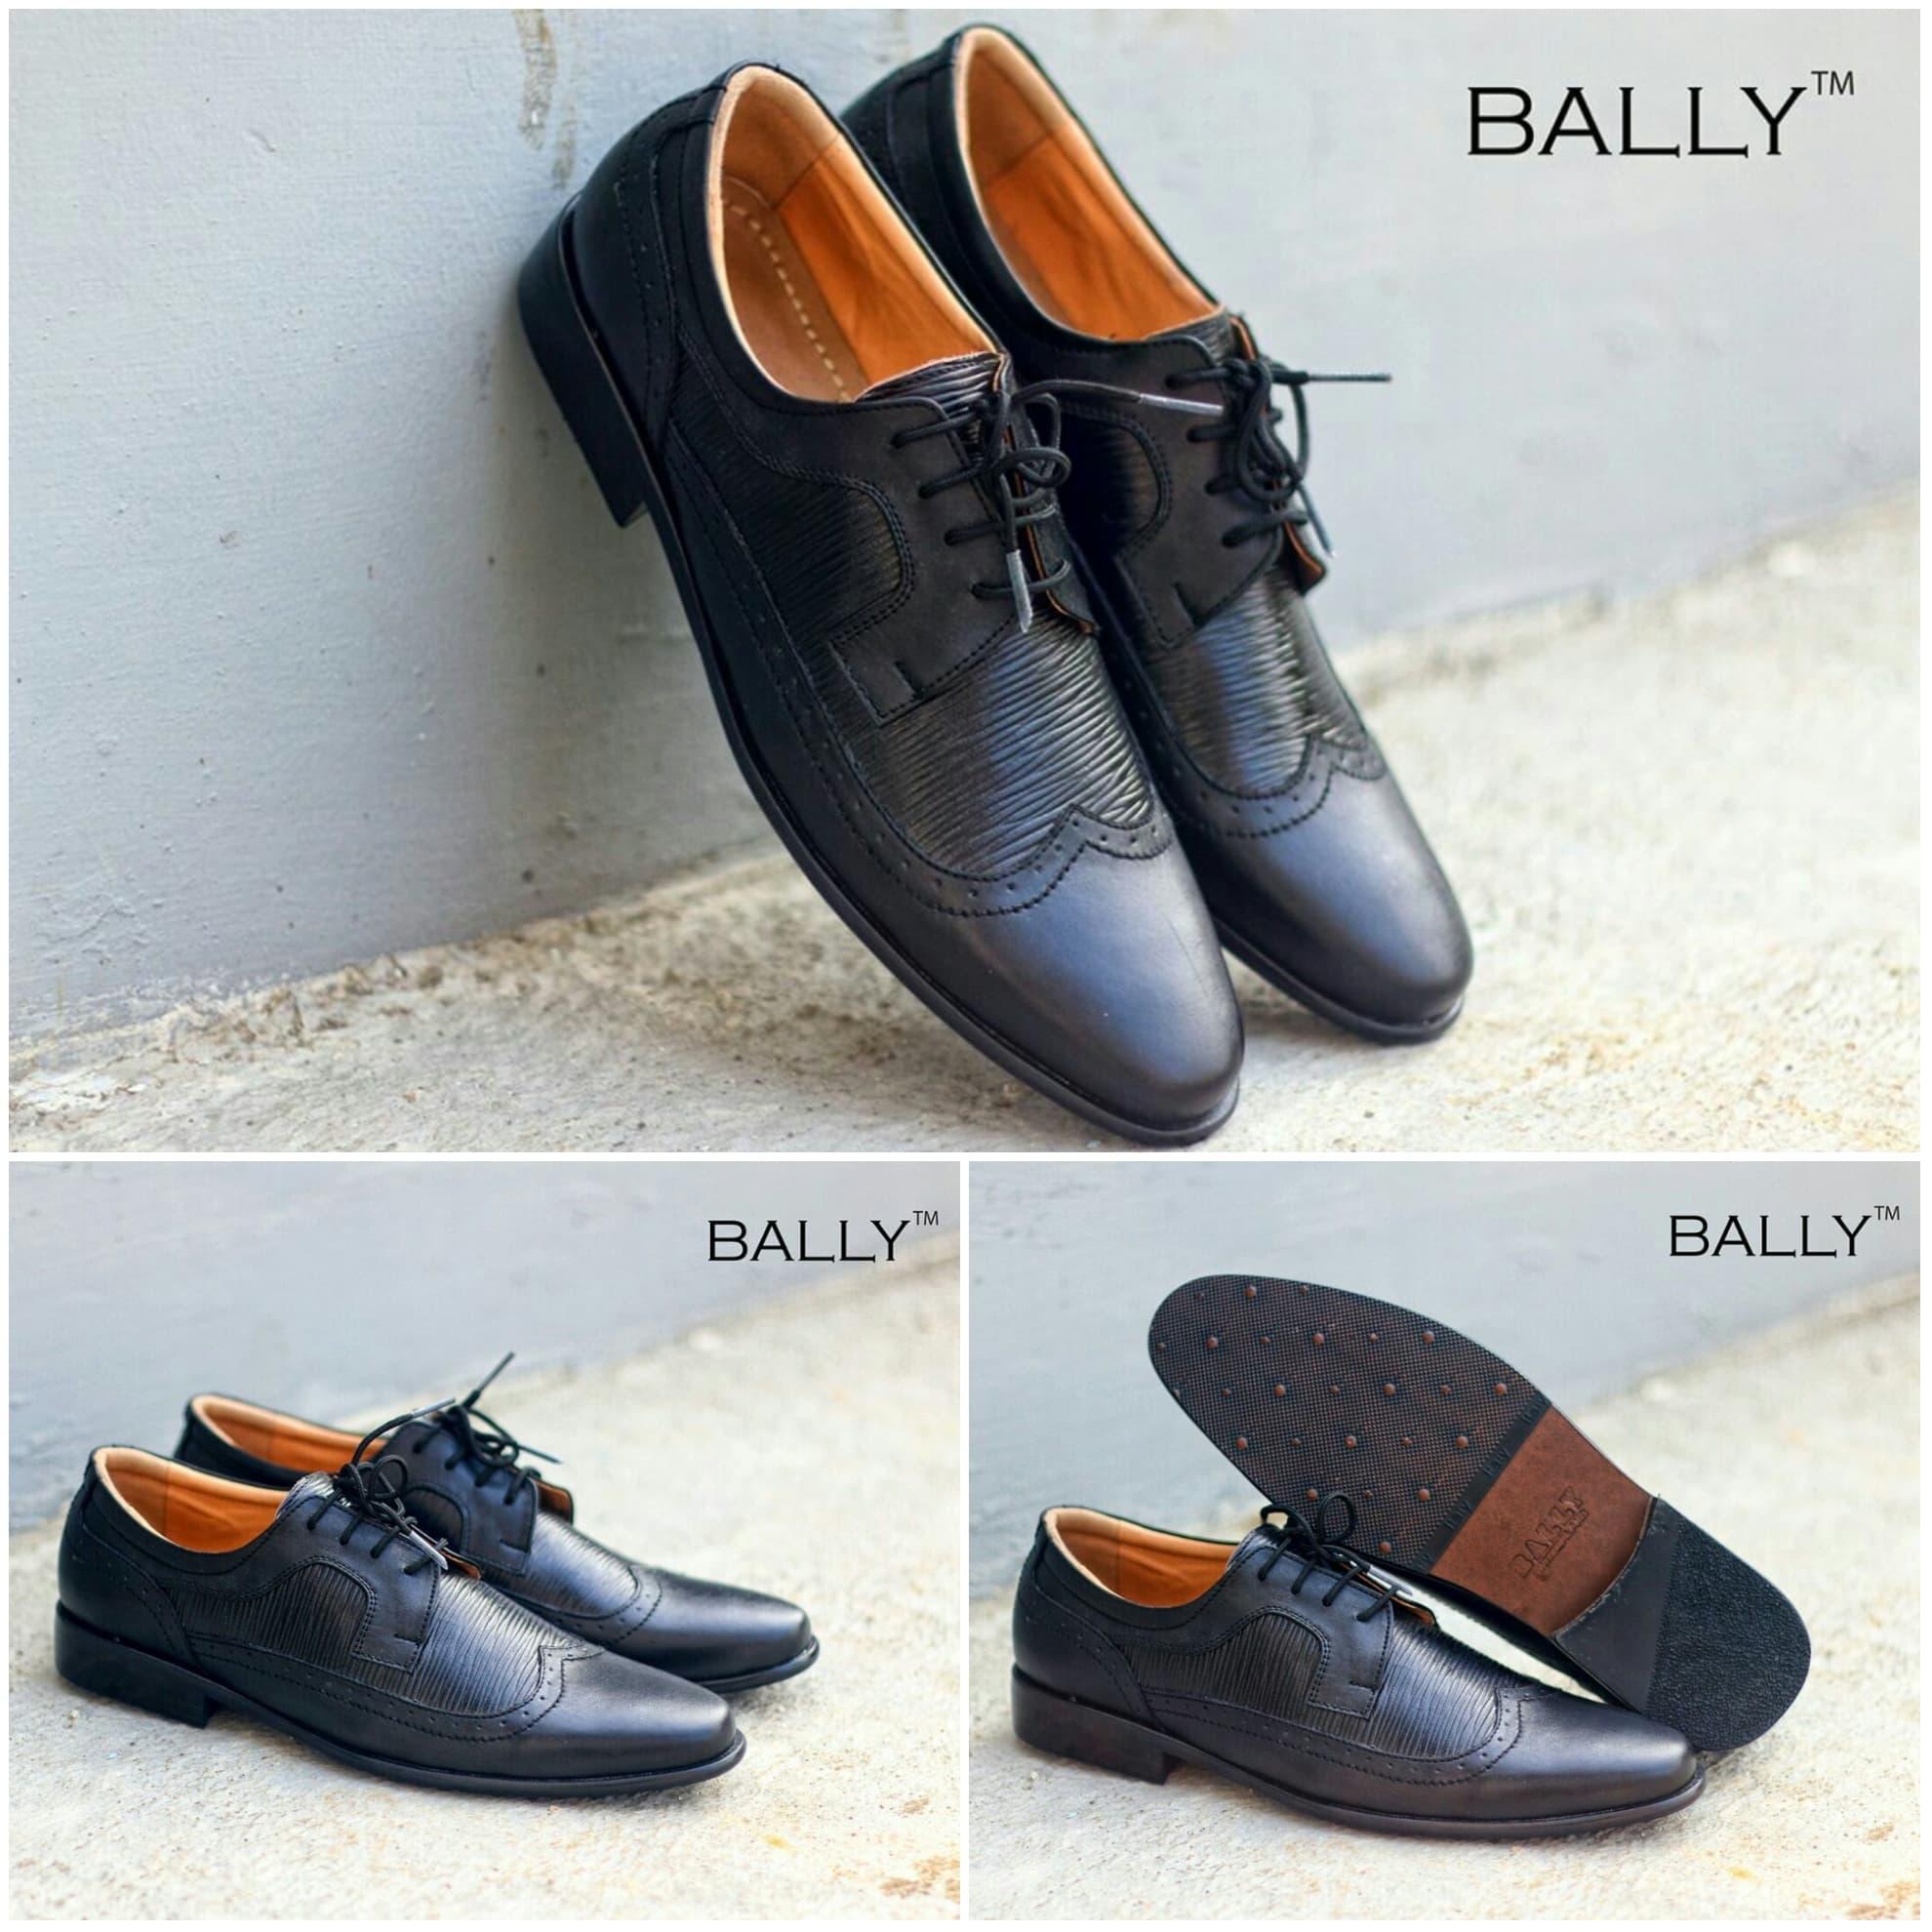 PENAWARAN Sepatu Pantofel Pria Bally Wingtip Hitam Premium Kulit Asli Murah 9d80ab5bf6